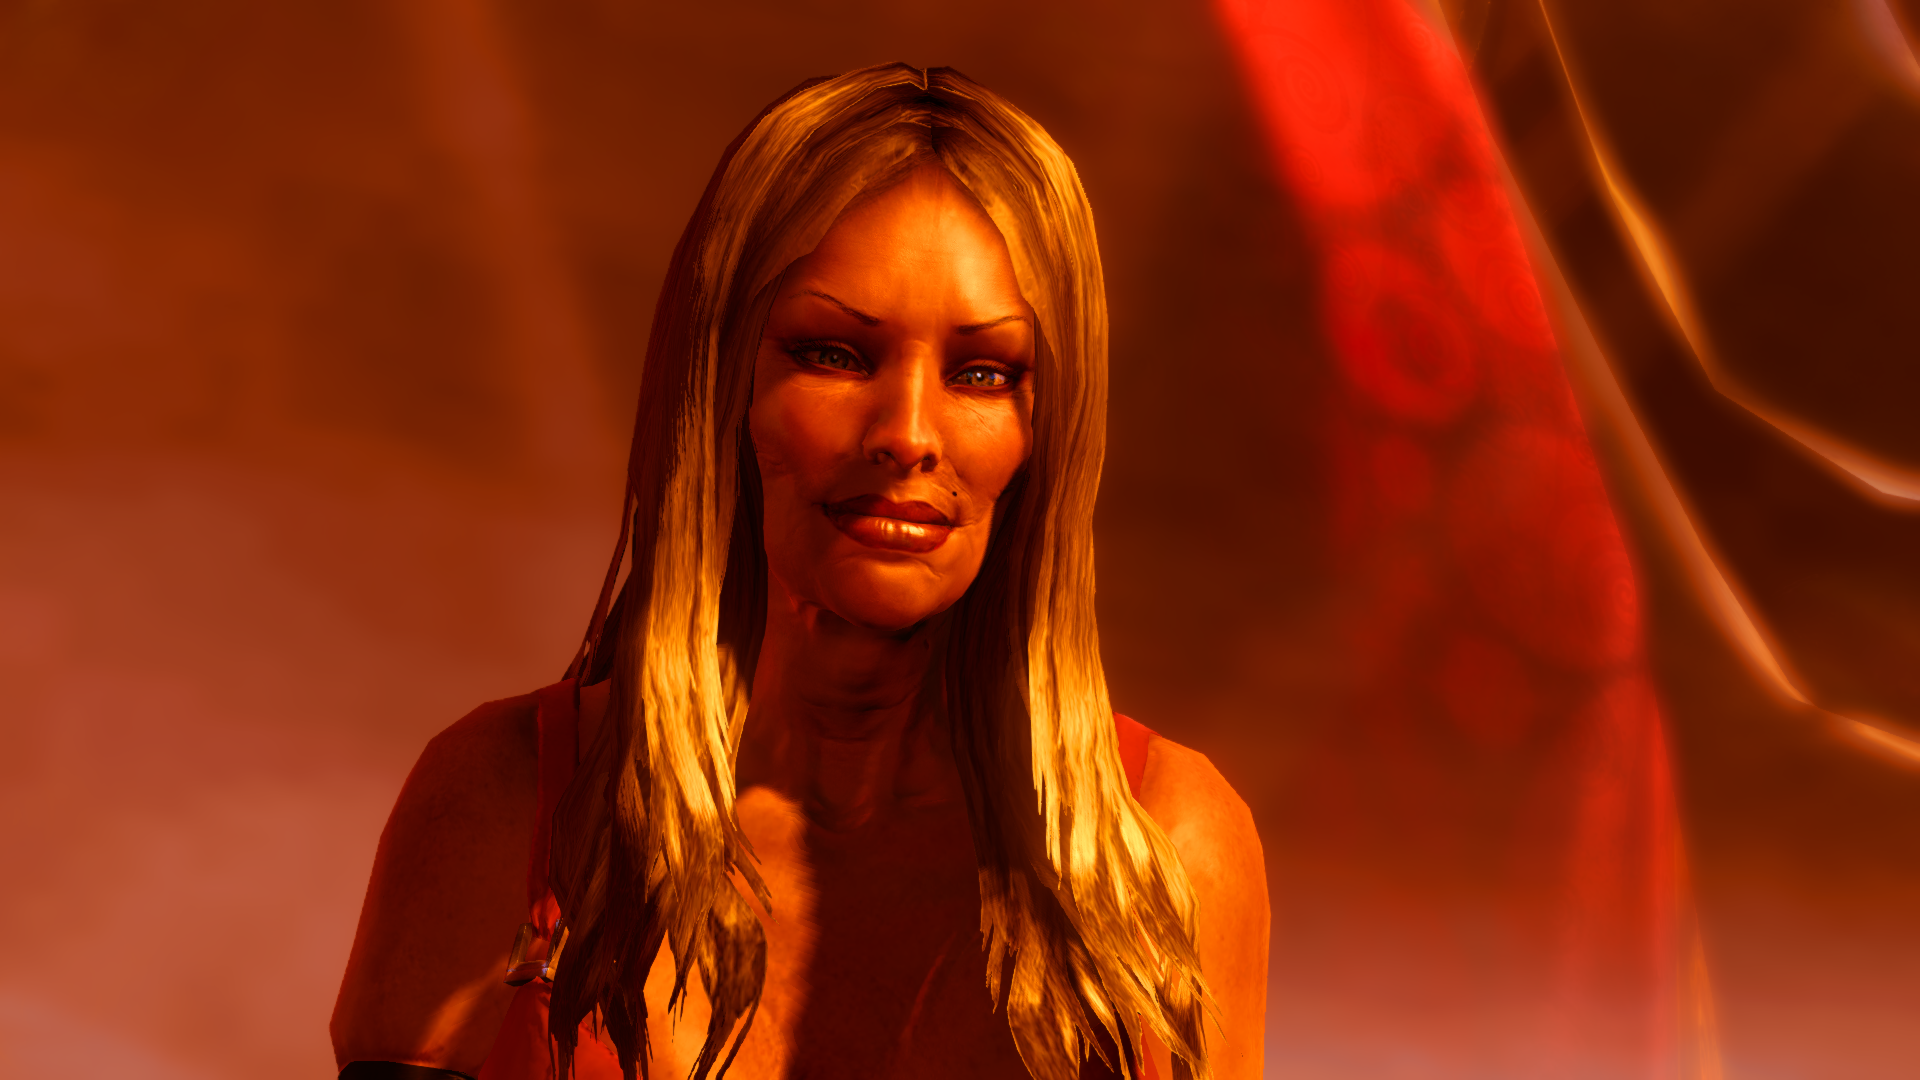 Lilith sex scene